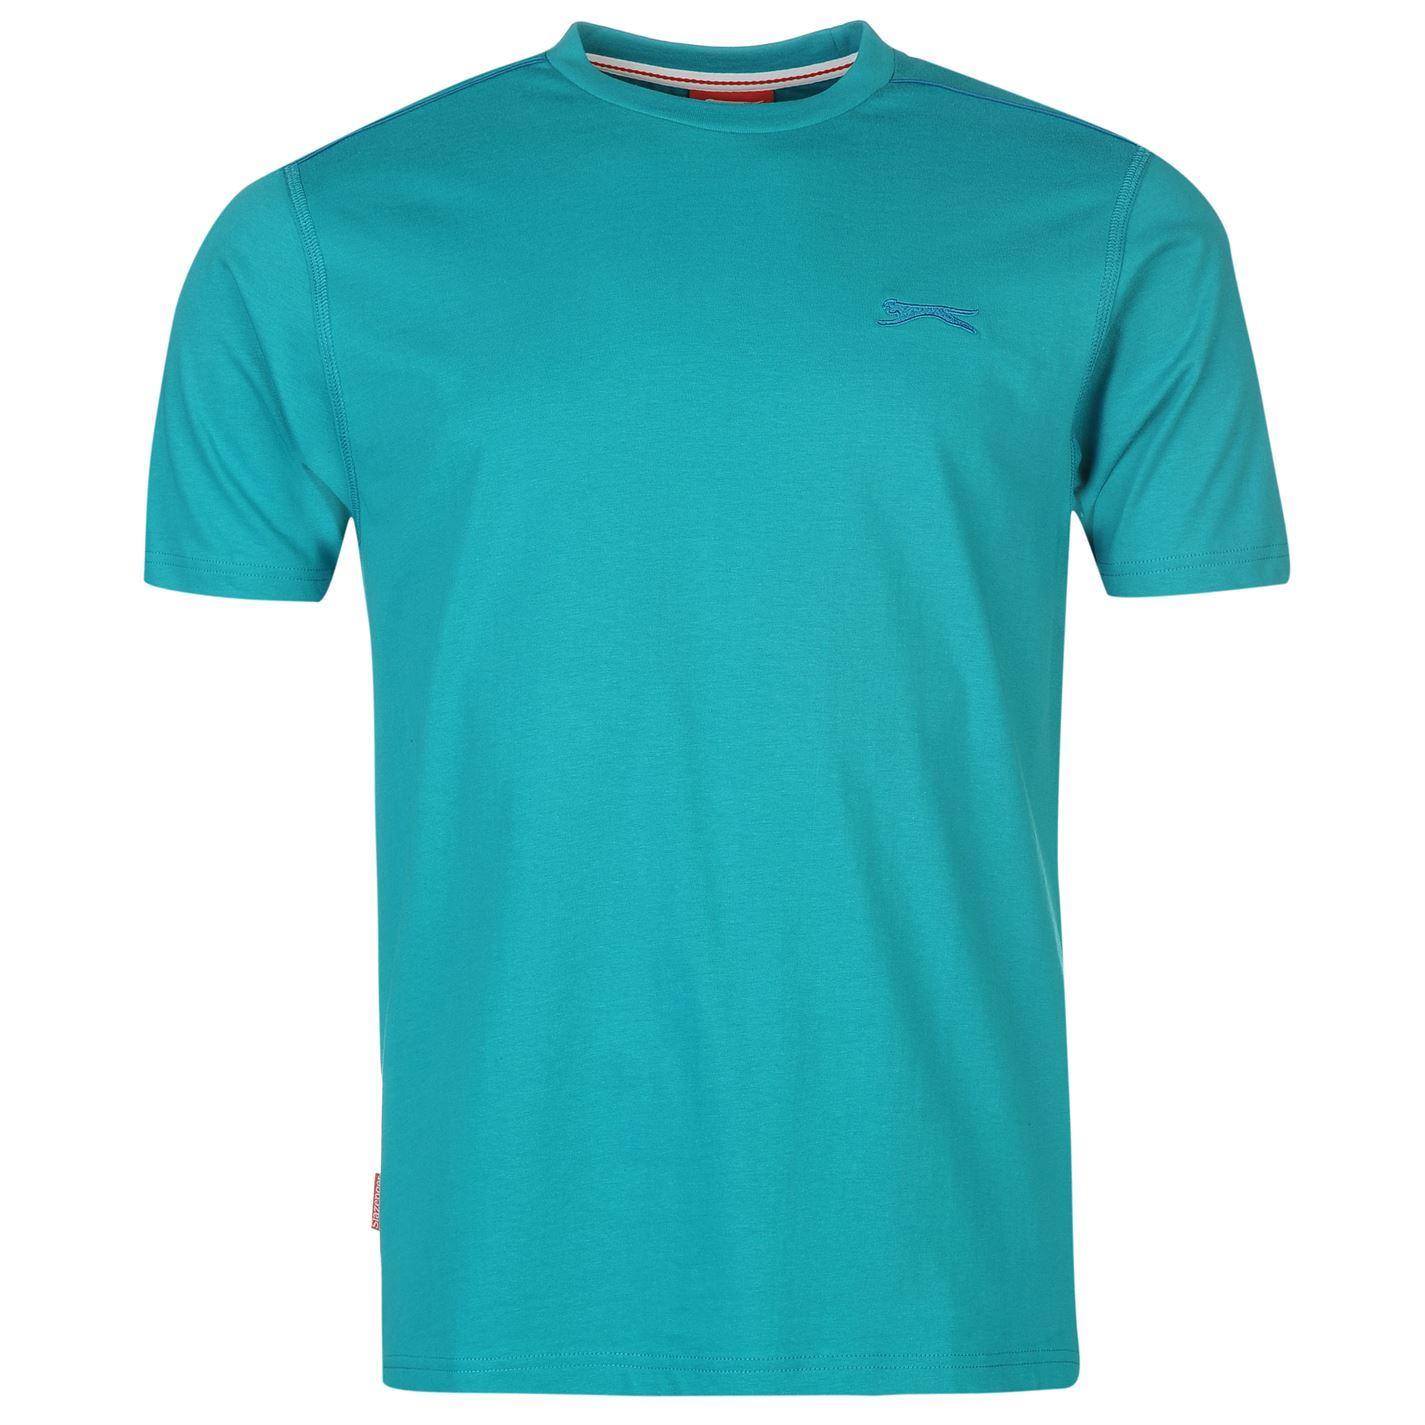 1c5f26457e Details about Slazenger Plain T-Shirt Mens Teal Blue Sportswear Top Tee  Shirt